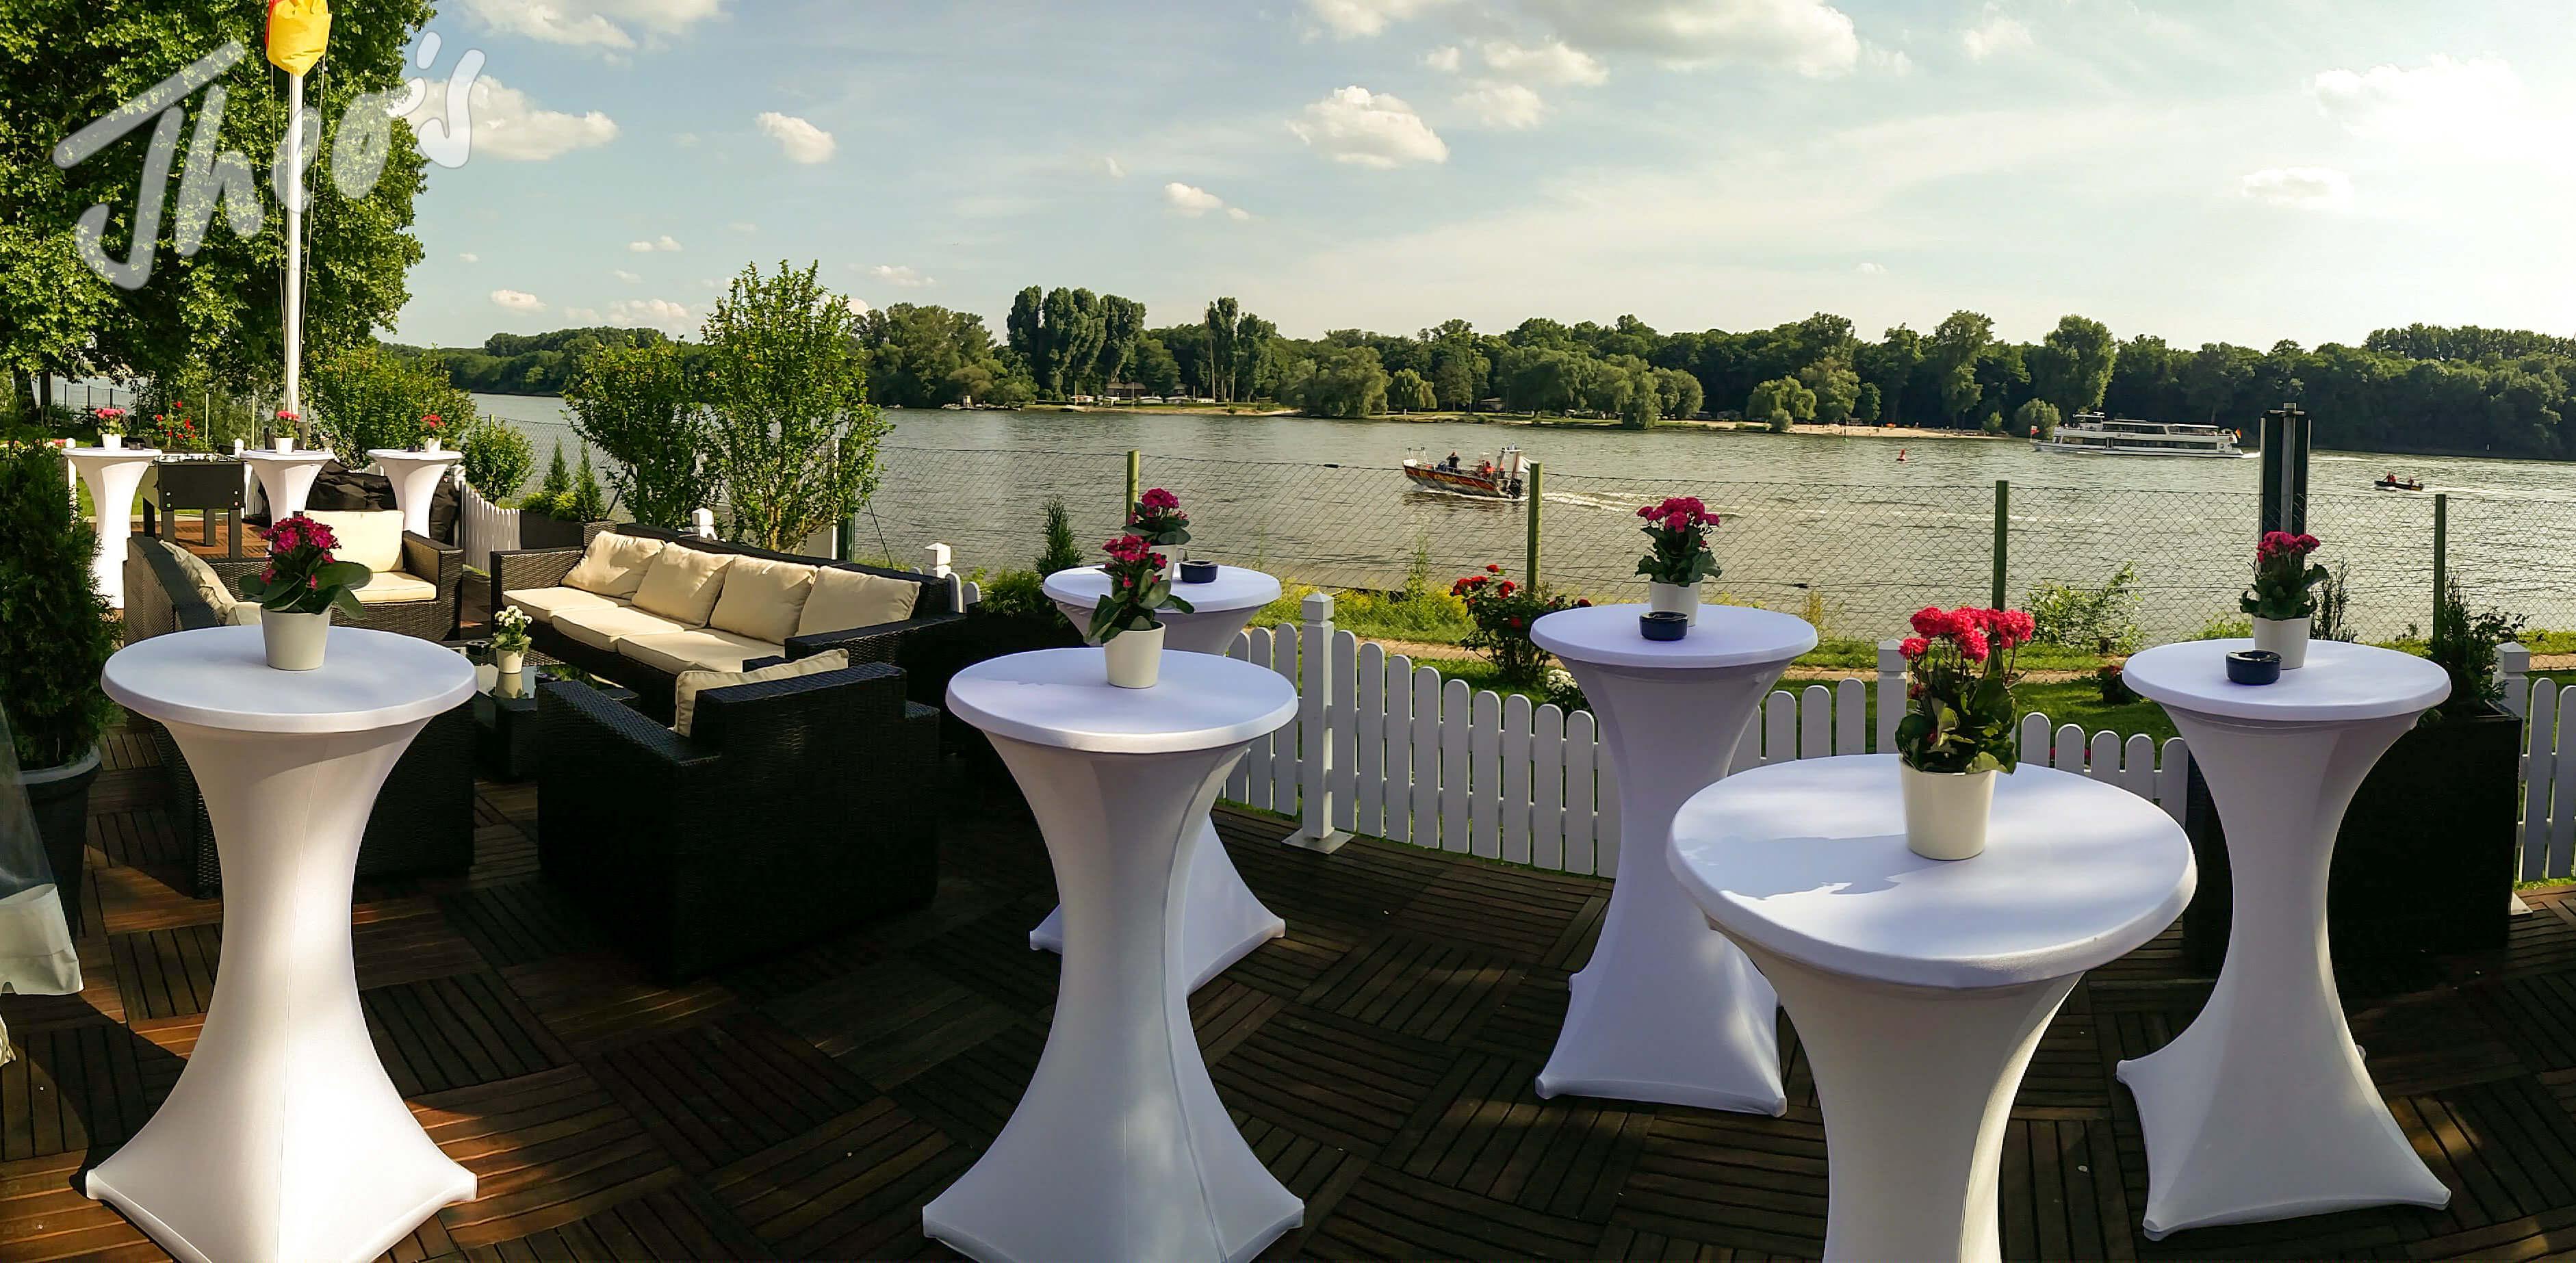 Geburtstag_Zelt_outdoor_Terrasse_lounge_dyckerhoff_geburtstag_stine-17